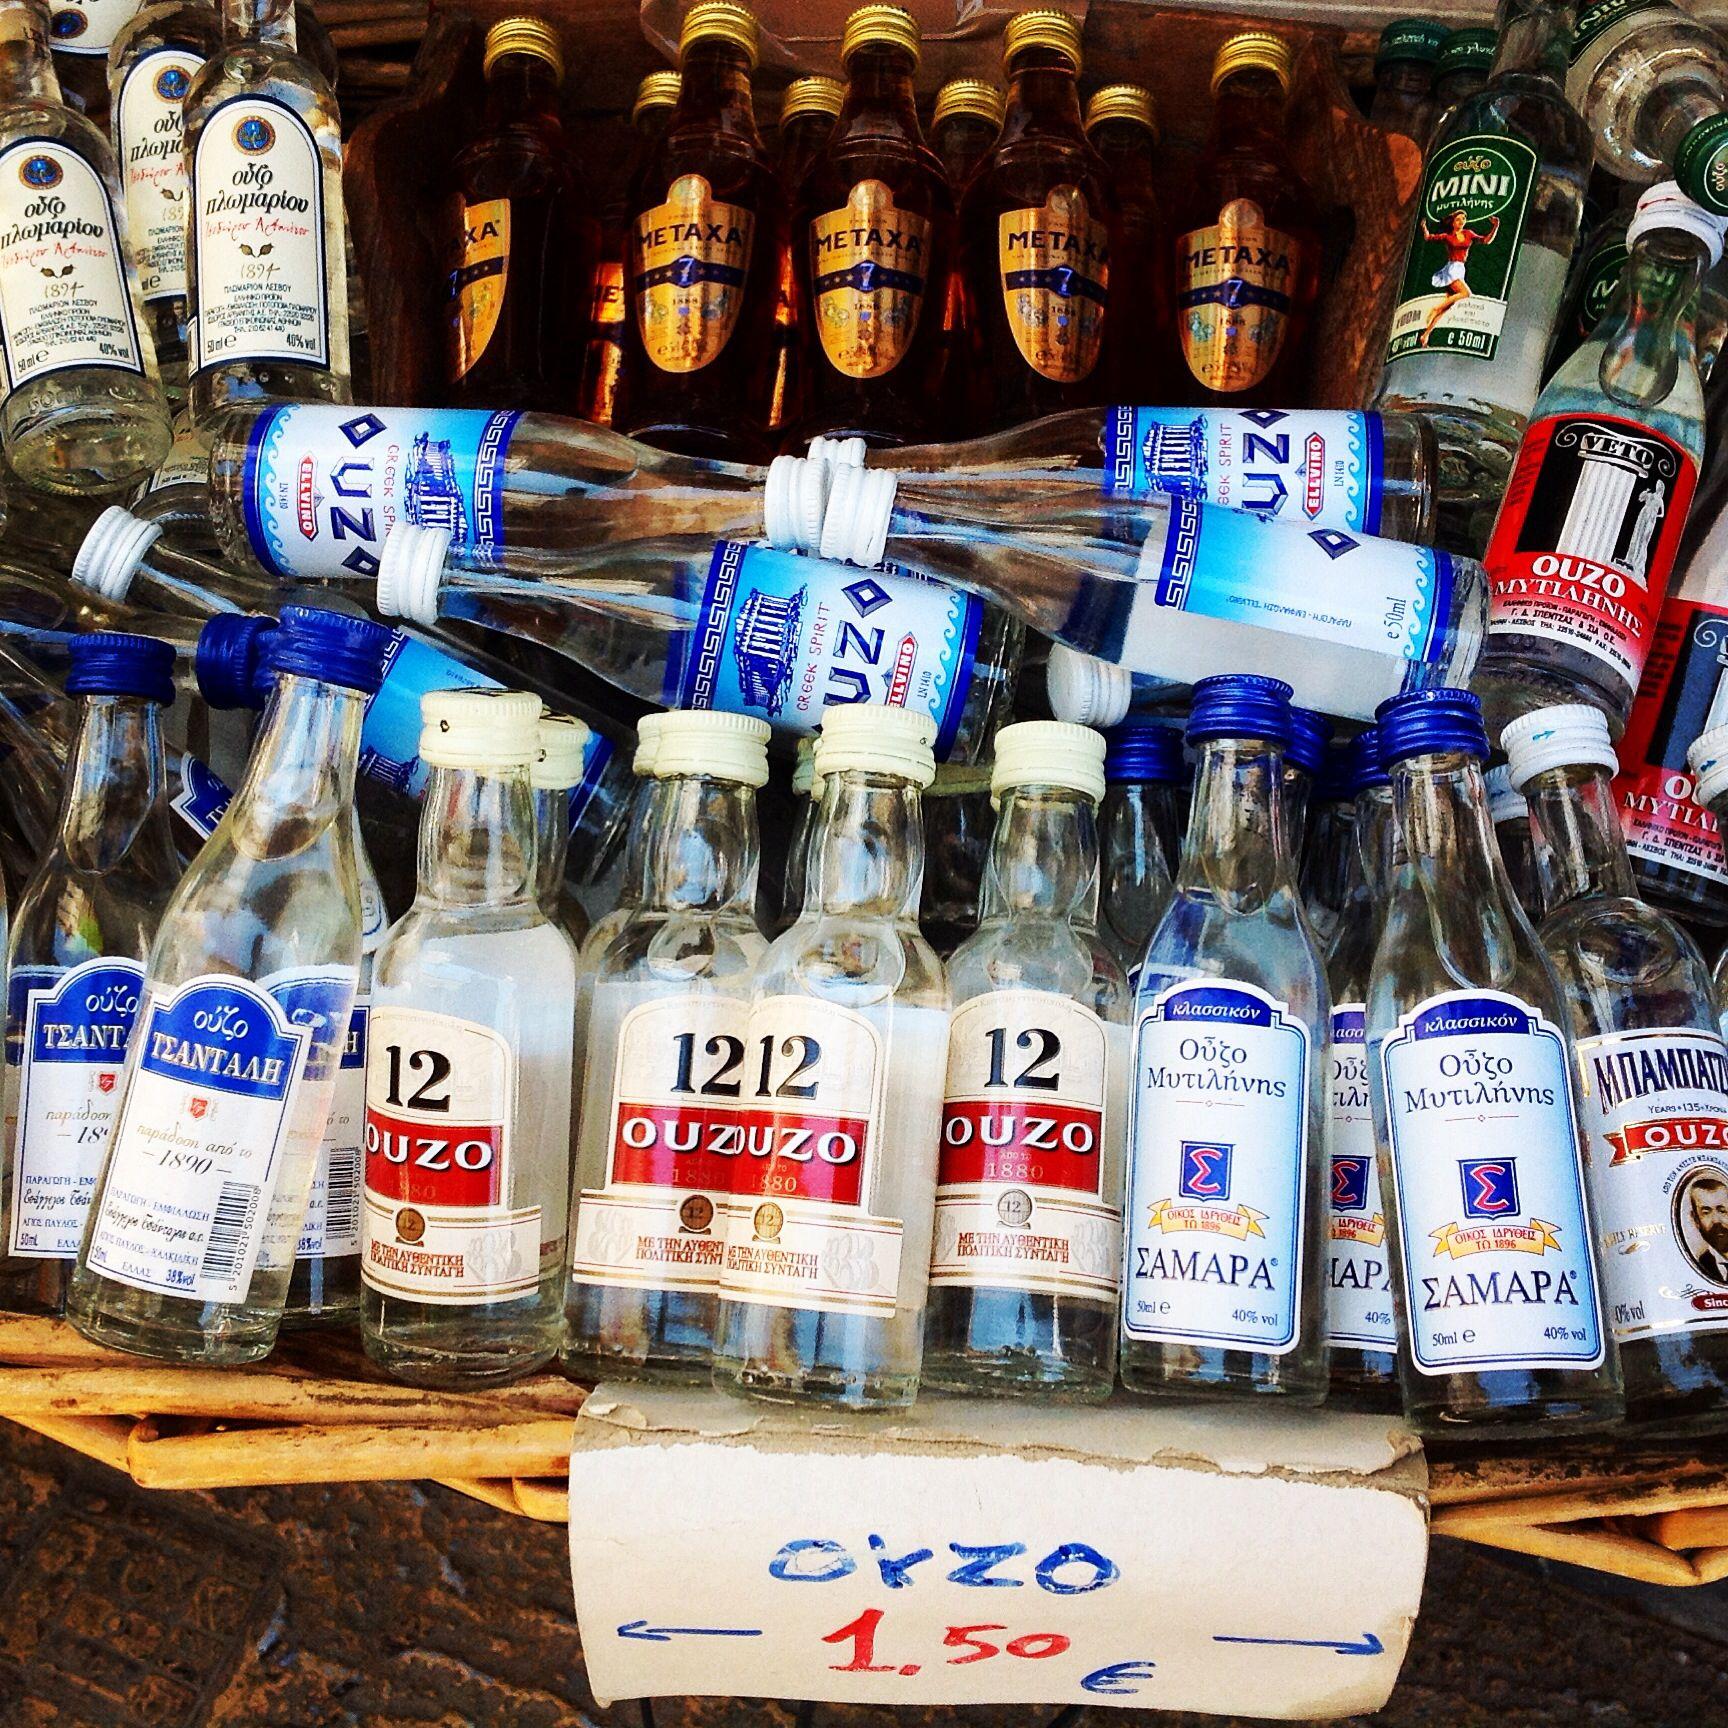 Pieniä ouzo-pulloja (aniksenmakuinen aperatiivi) matkamuistoksi. / Little Ouzo (anise-flavoured aperitif) bottles for souveniers. #ούζο #ouzo #greece